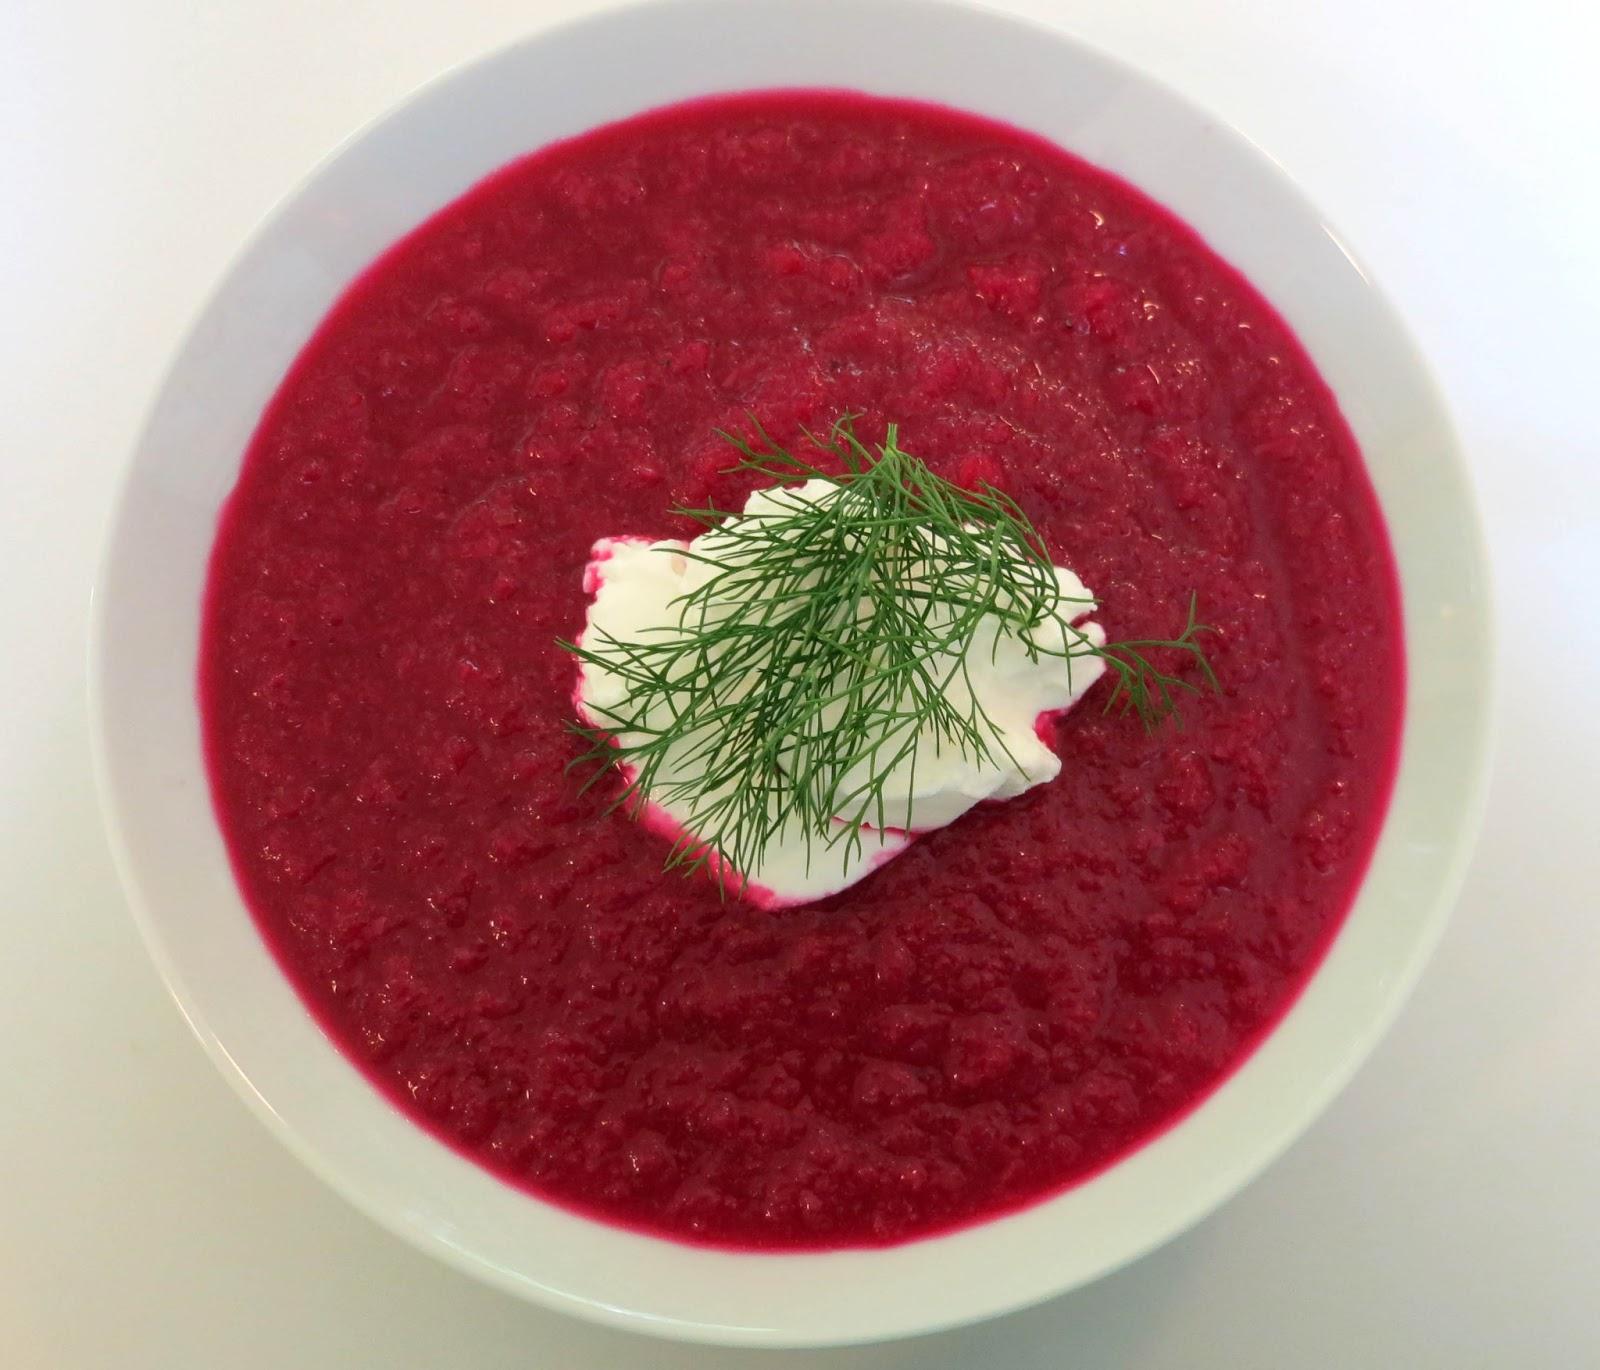 ... borscht polish borscht russian borscht recipe borscht soup borscht jar